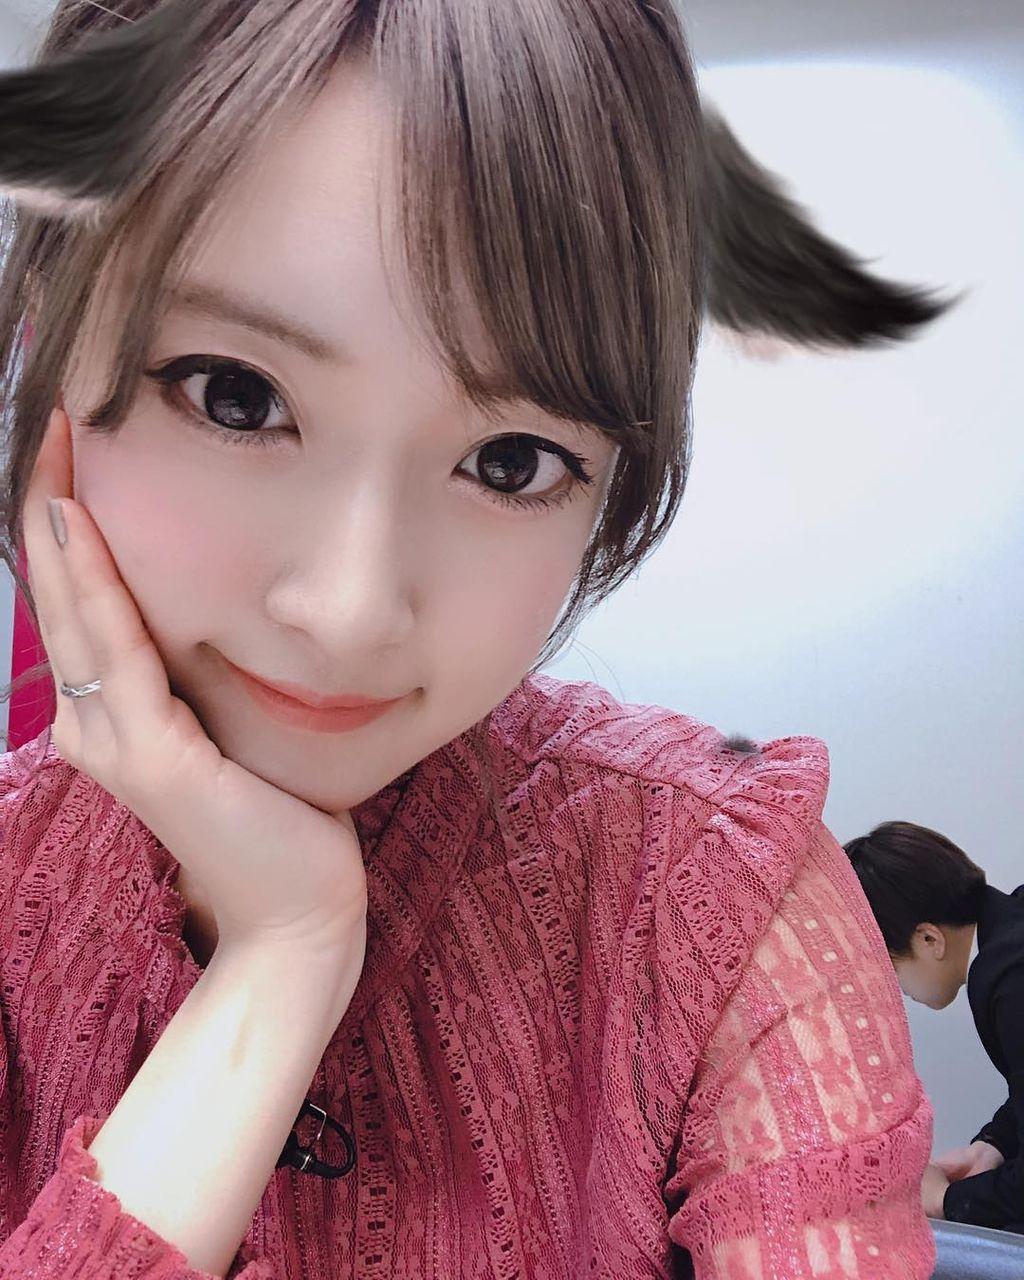 【速報】須藤凜々花のマラソン強制参加キタ━━━━(゚∀゚)━━━━!!